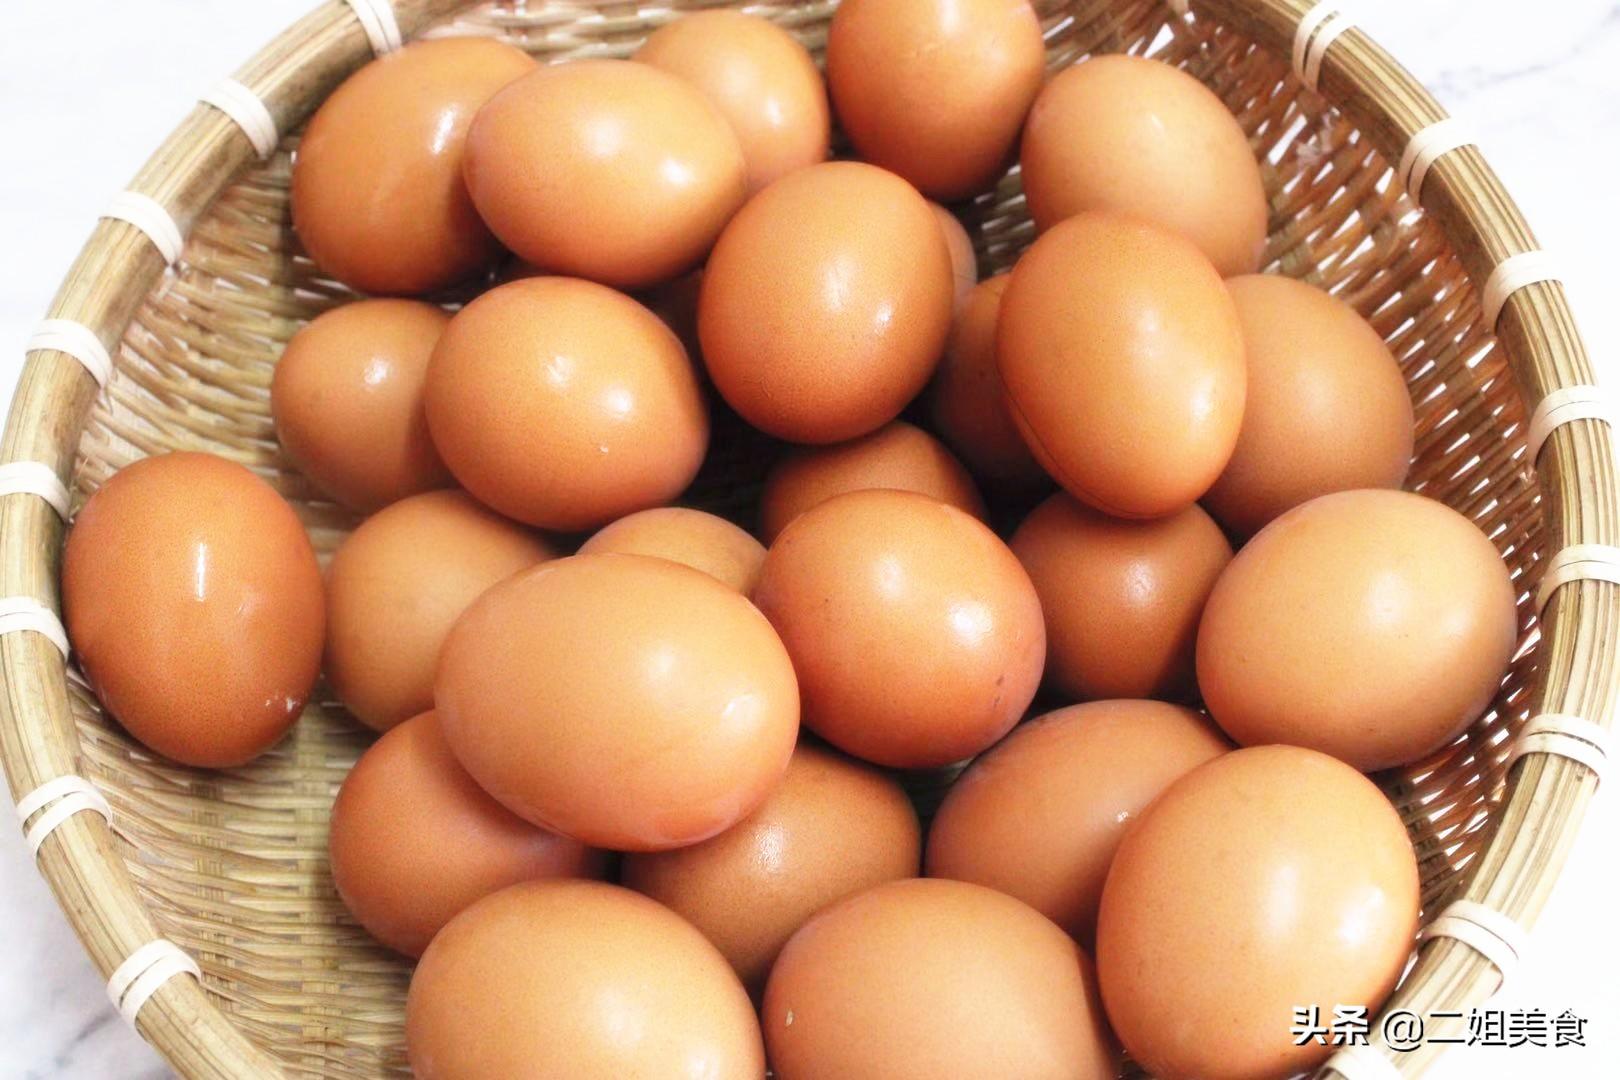 同樣是雞蛋,選大的還是小的? 老農教您一招,以後別買錯了